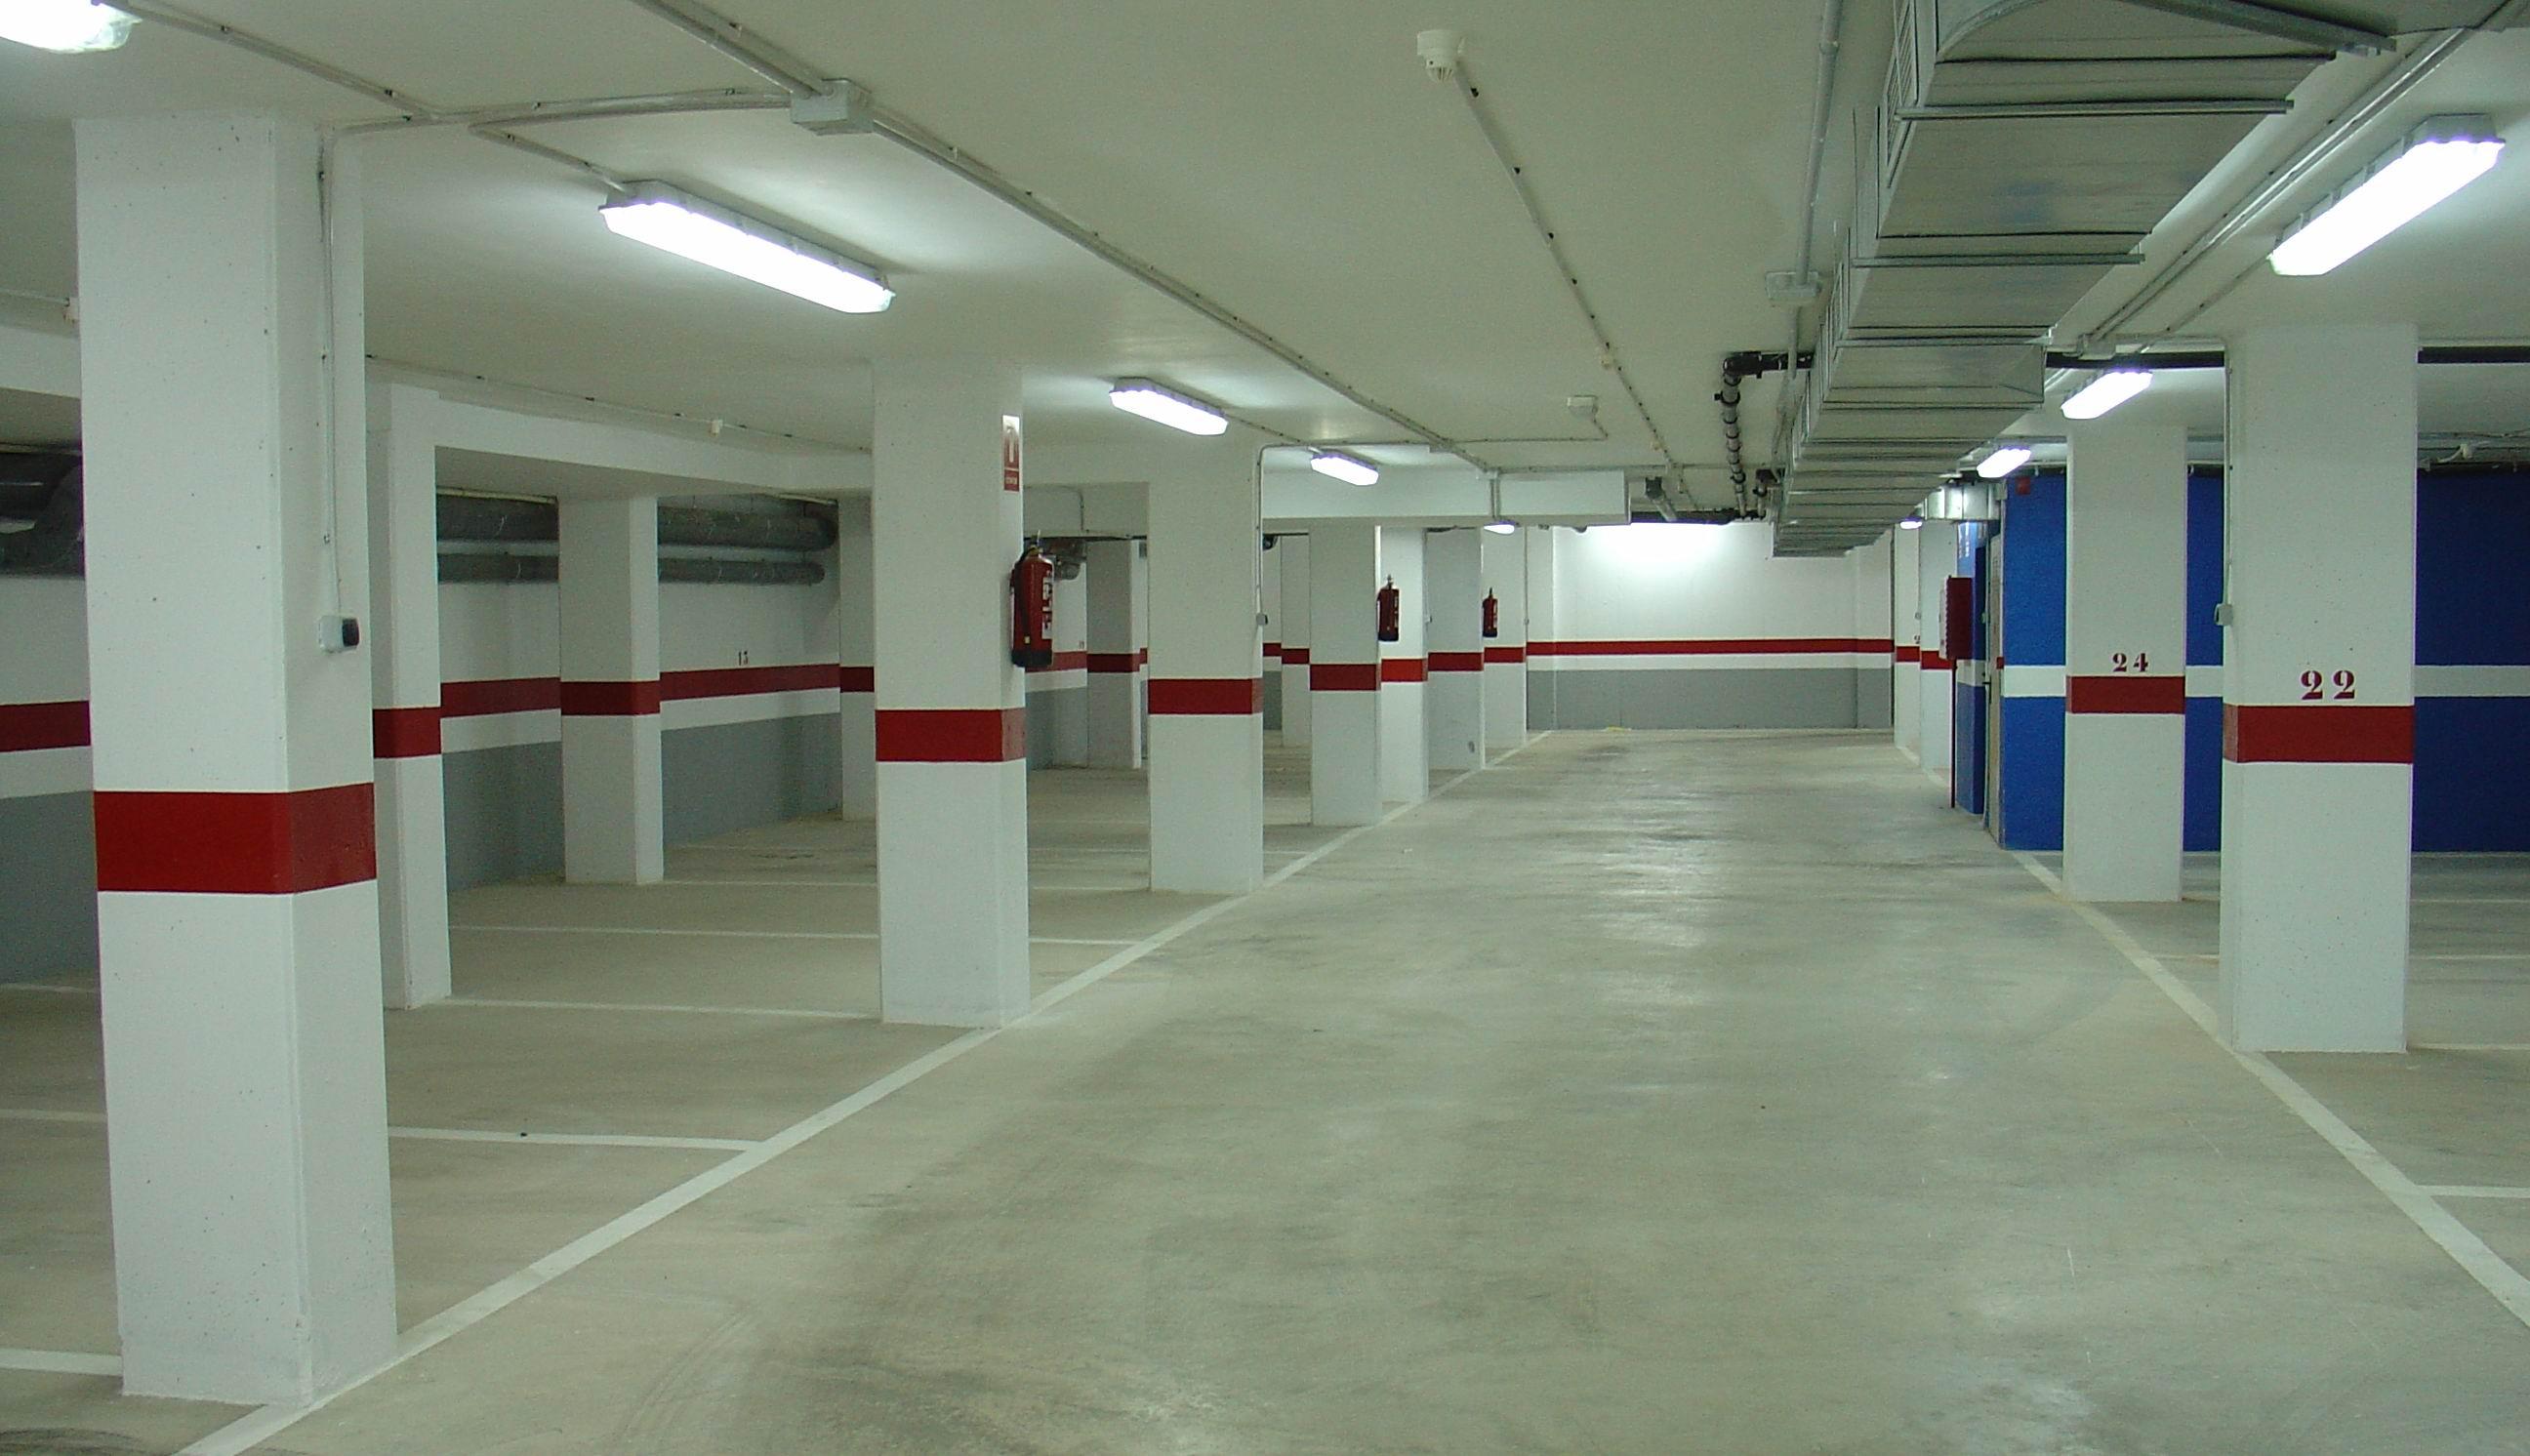 Limpieza del garaje 1